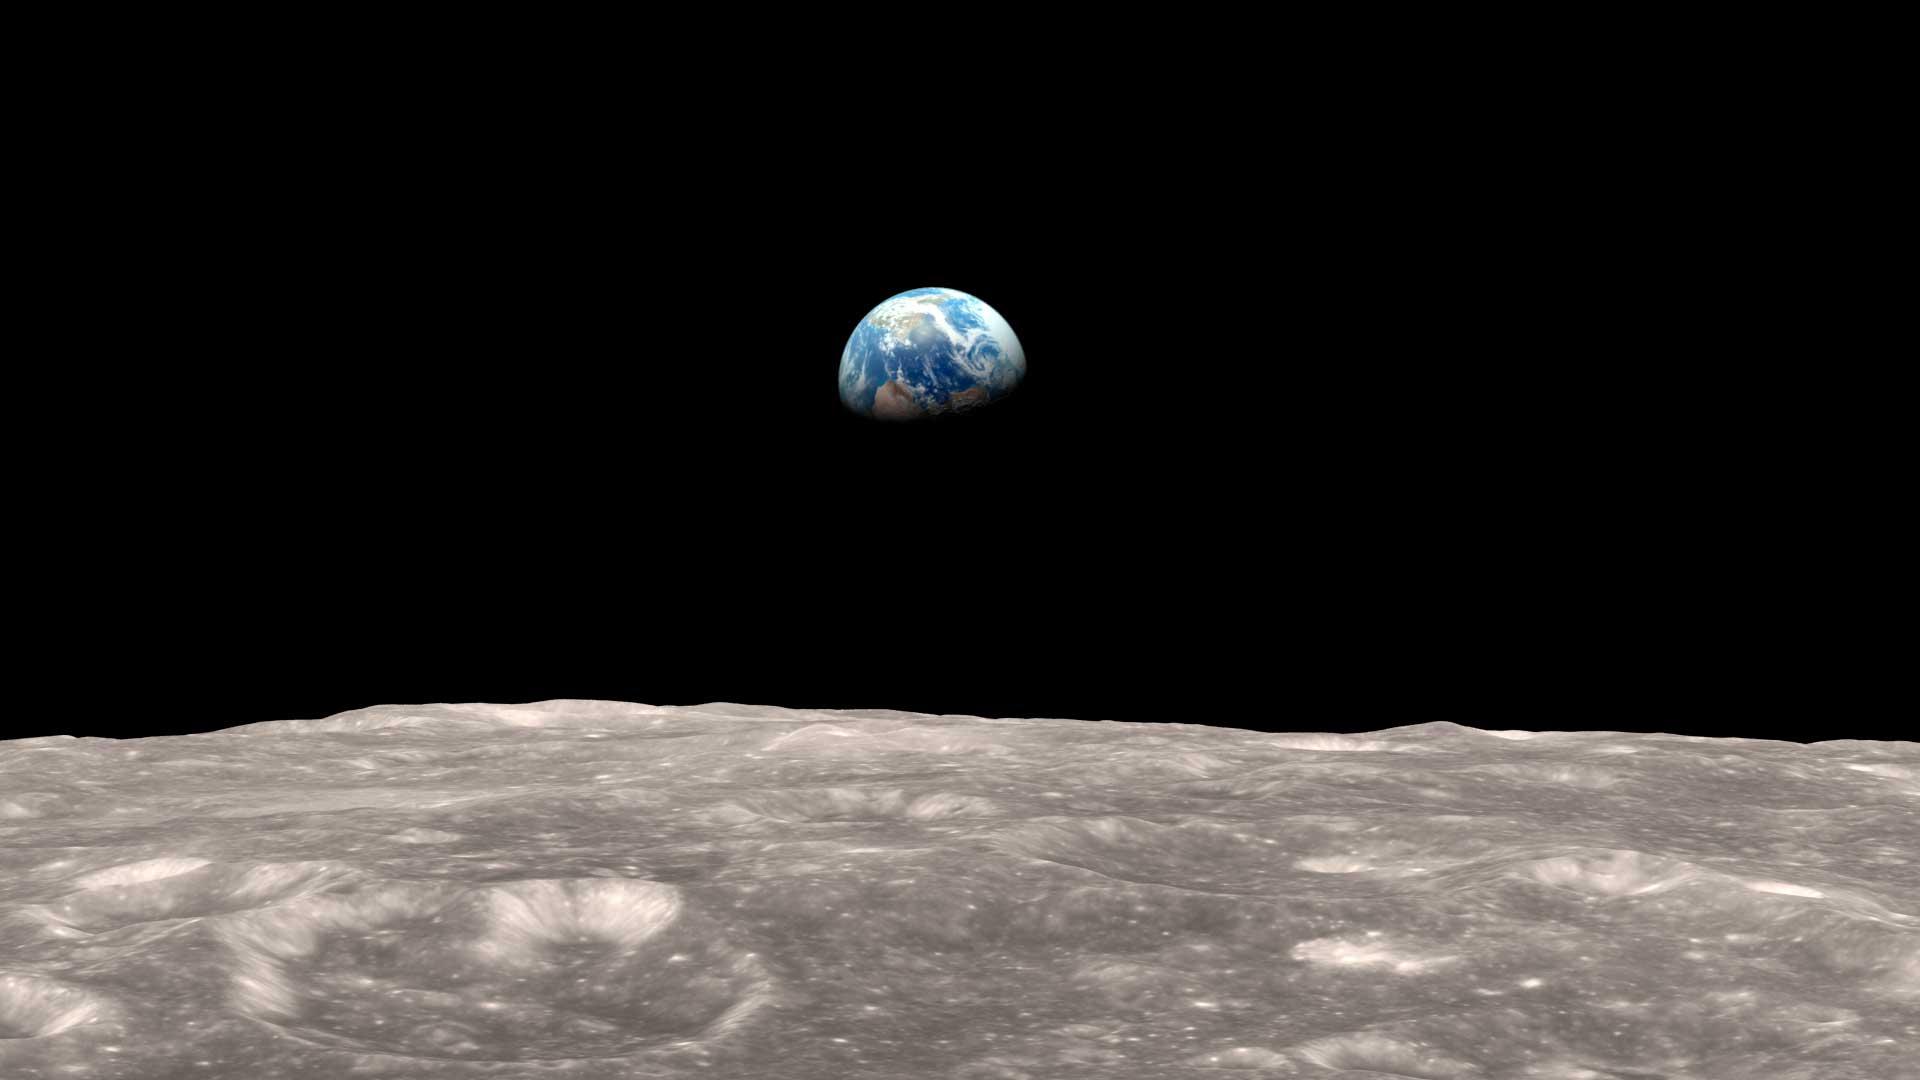 Ученые США обнаружили еще один спутник Земли